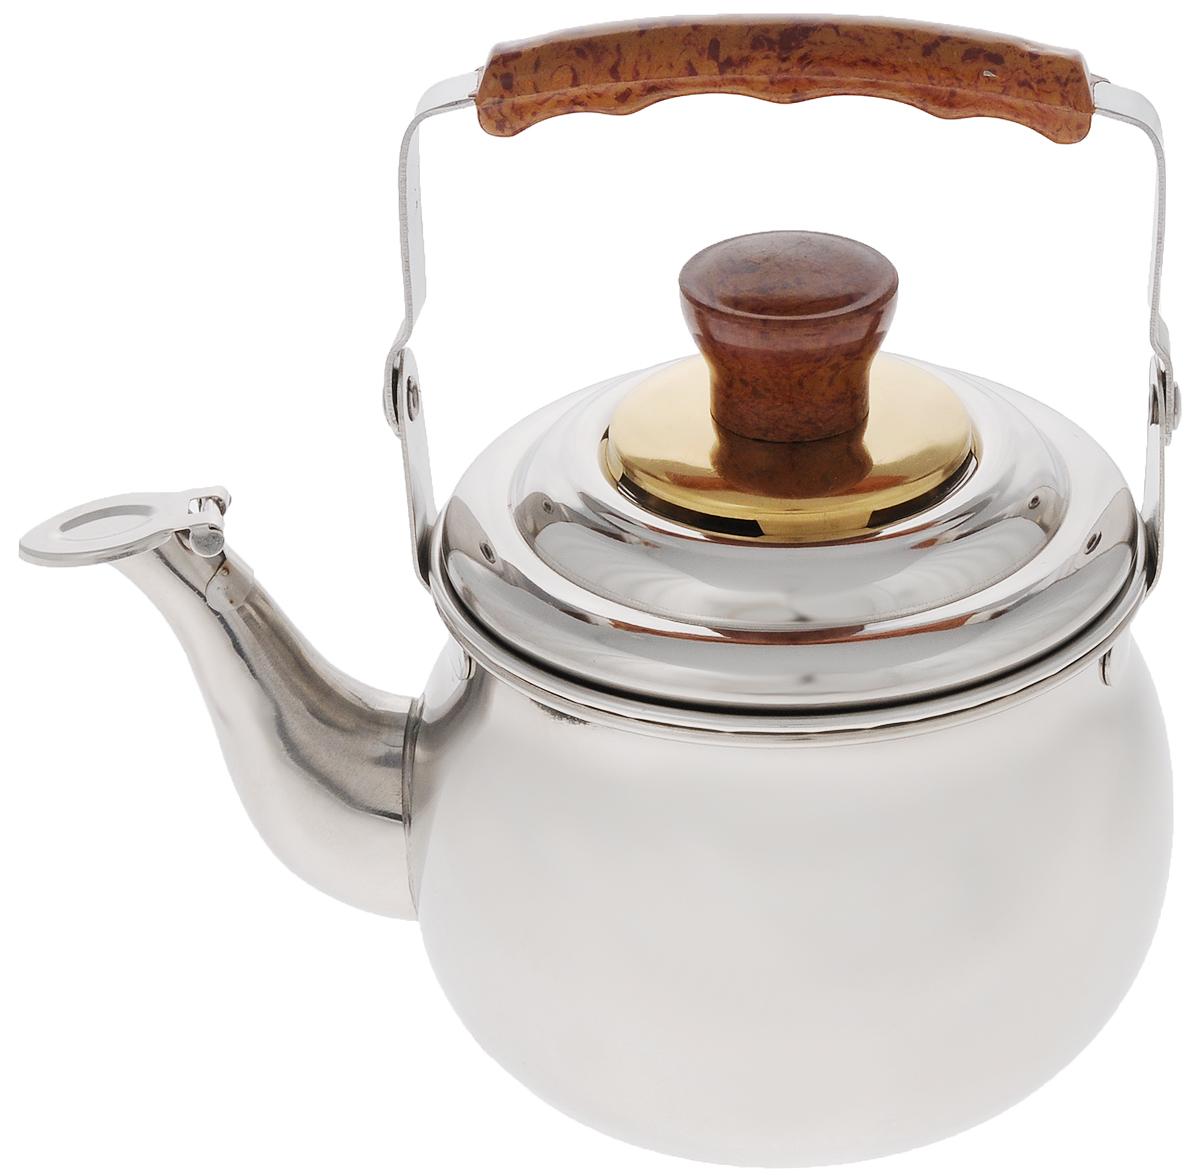 Чайник заварочный Mayer & Boch, со свистком, с фильтром, 700 мл23509Заварочный чайник Mayer & Boch выполнен из высококачественной нержавеющей стали, что обеспечивает долговечность использования. Эргономичная подвижная ручка из бакелита, декорированная под дерево, делает использование чайника очень удобным и безопасным. Чайник снабжен съемным фильтром для чая и свистком, который подскажет, когда вода закипела. В таком чайнике очень удобно готовить заварку прямо на газу. Подходит для использования на электрических, газовых, стеклокерамических плитах. Можно мыть в посудомоечной машине. Диаметр чайника (по верхнему краю): 10,5 см. Высота чайника (без учета ручки и крышки): 8 см. Высота фильтра: 4,5 см. УВАЖАЕМЫЕ КЛИЕНТЫ! Обращаем ваше внимание, что объем чайника измерен по факту, с учетом максимального наполнения до кромки.